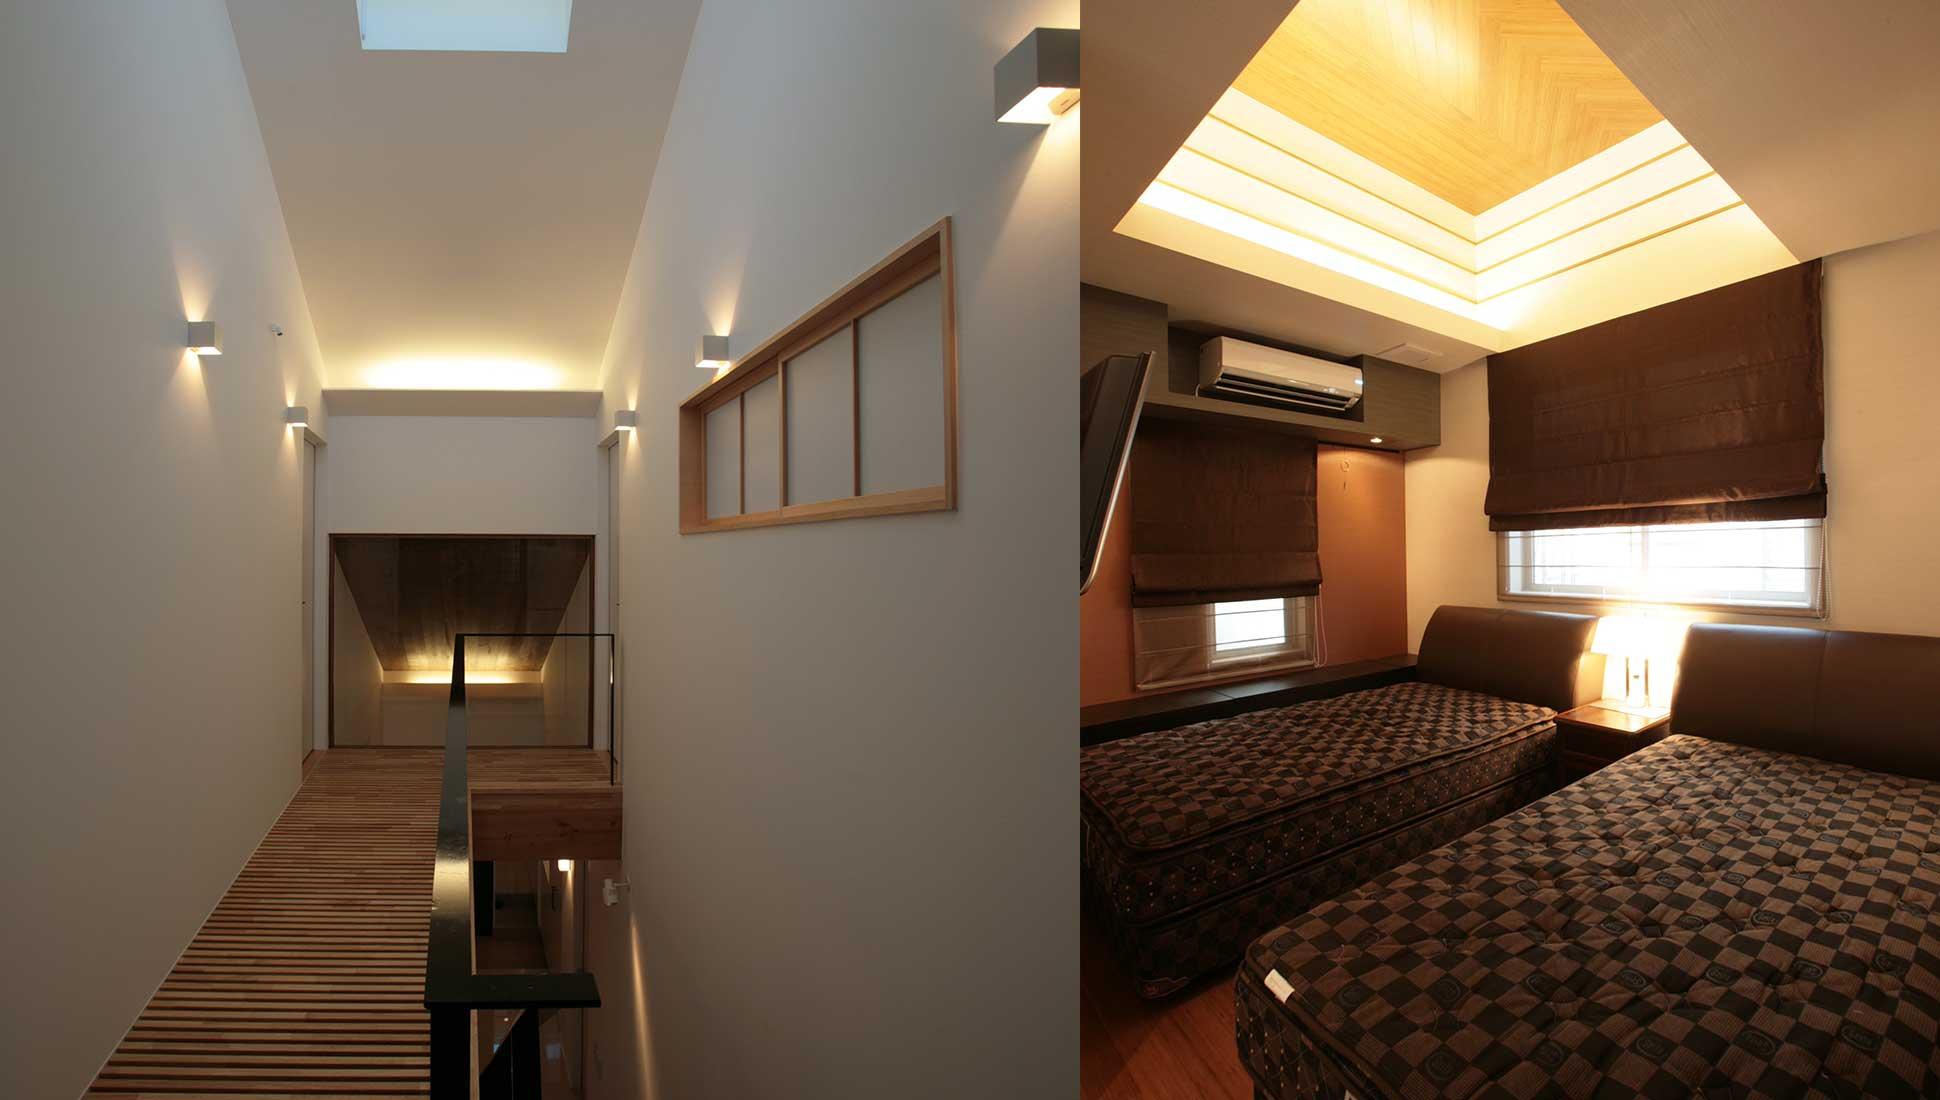 すのこの床の2階ホールと寝室:コの字型中庭のある二世帯住宅 千葉市